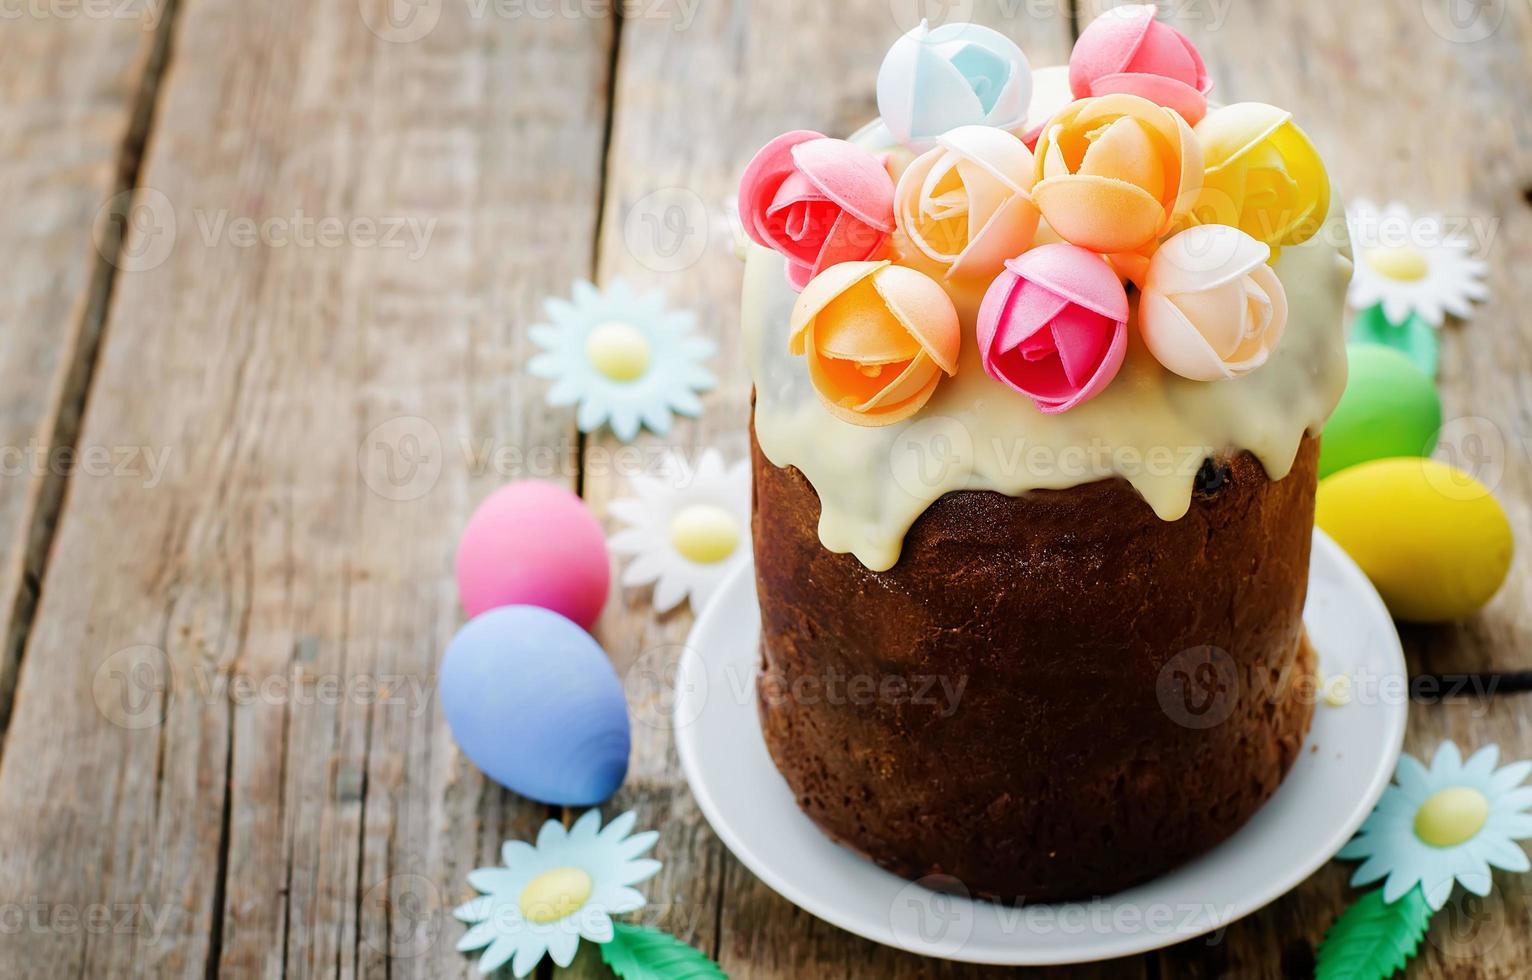 pastel de pascua con flores multicolores foto